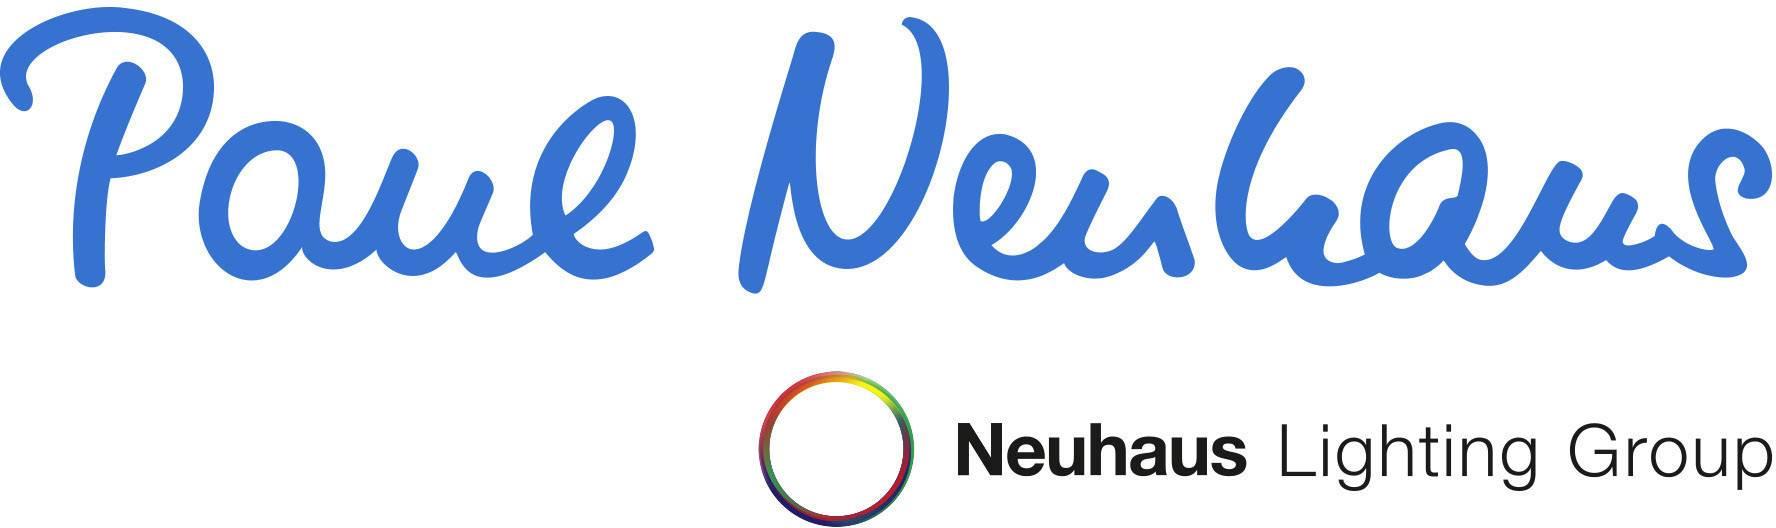 Paul Neuhaus Q Led Wall And Ceiling Light Q Inigo Eec Led A